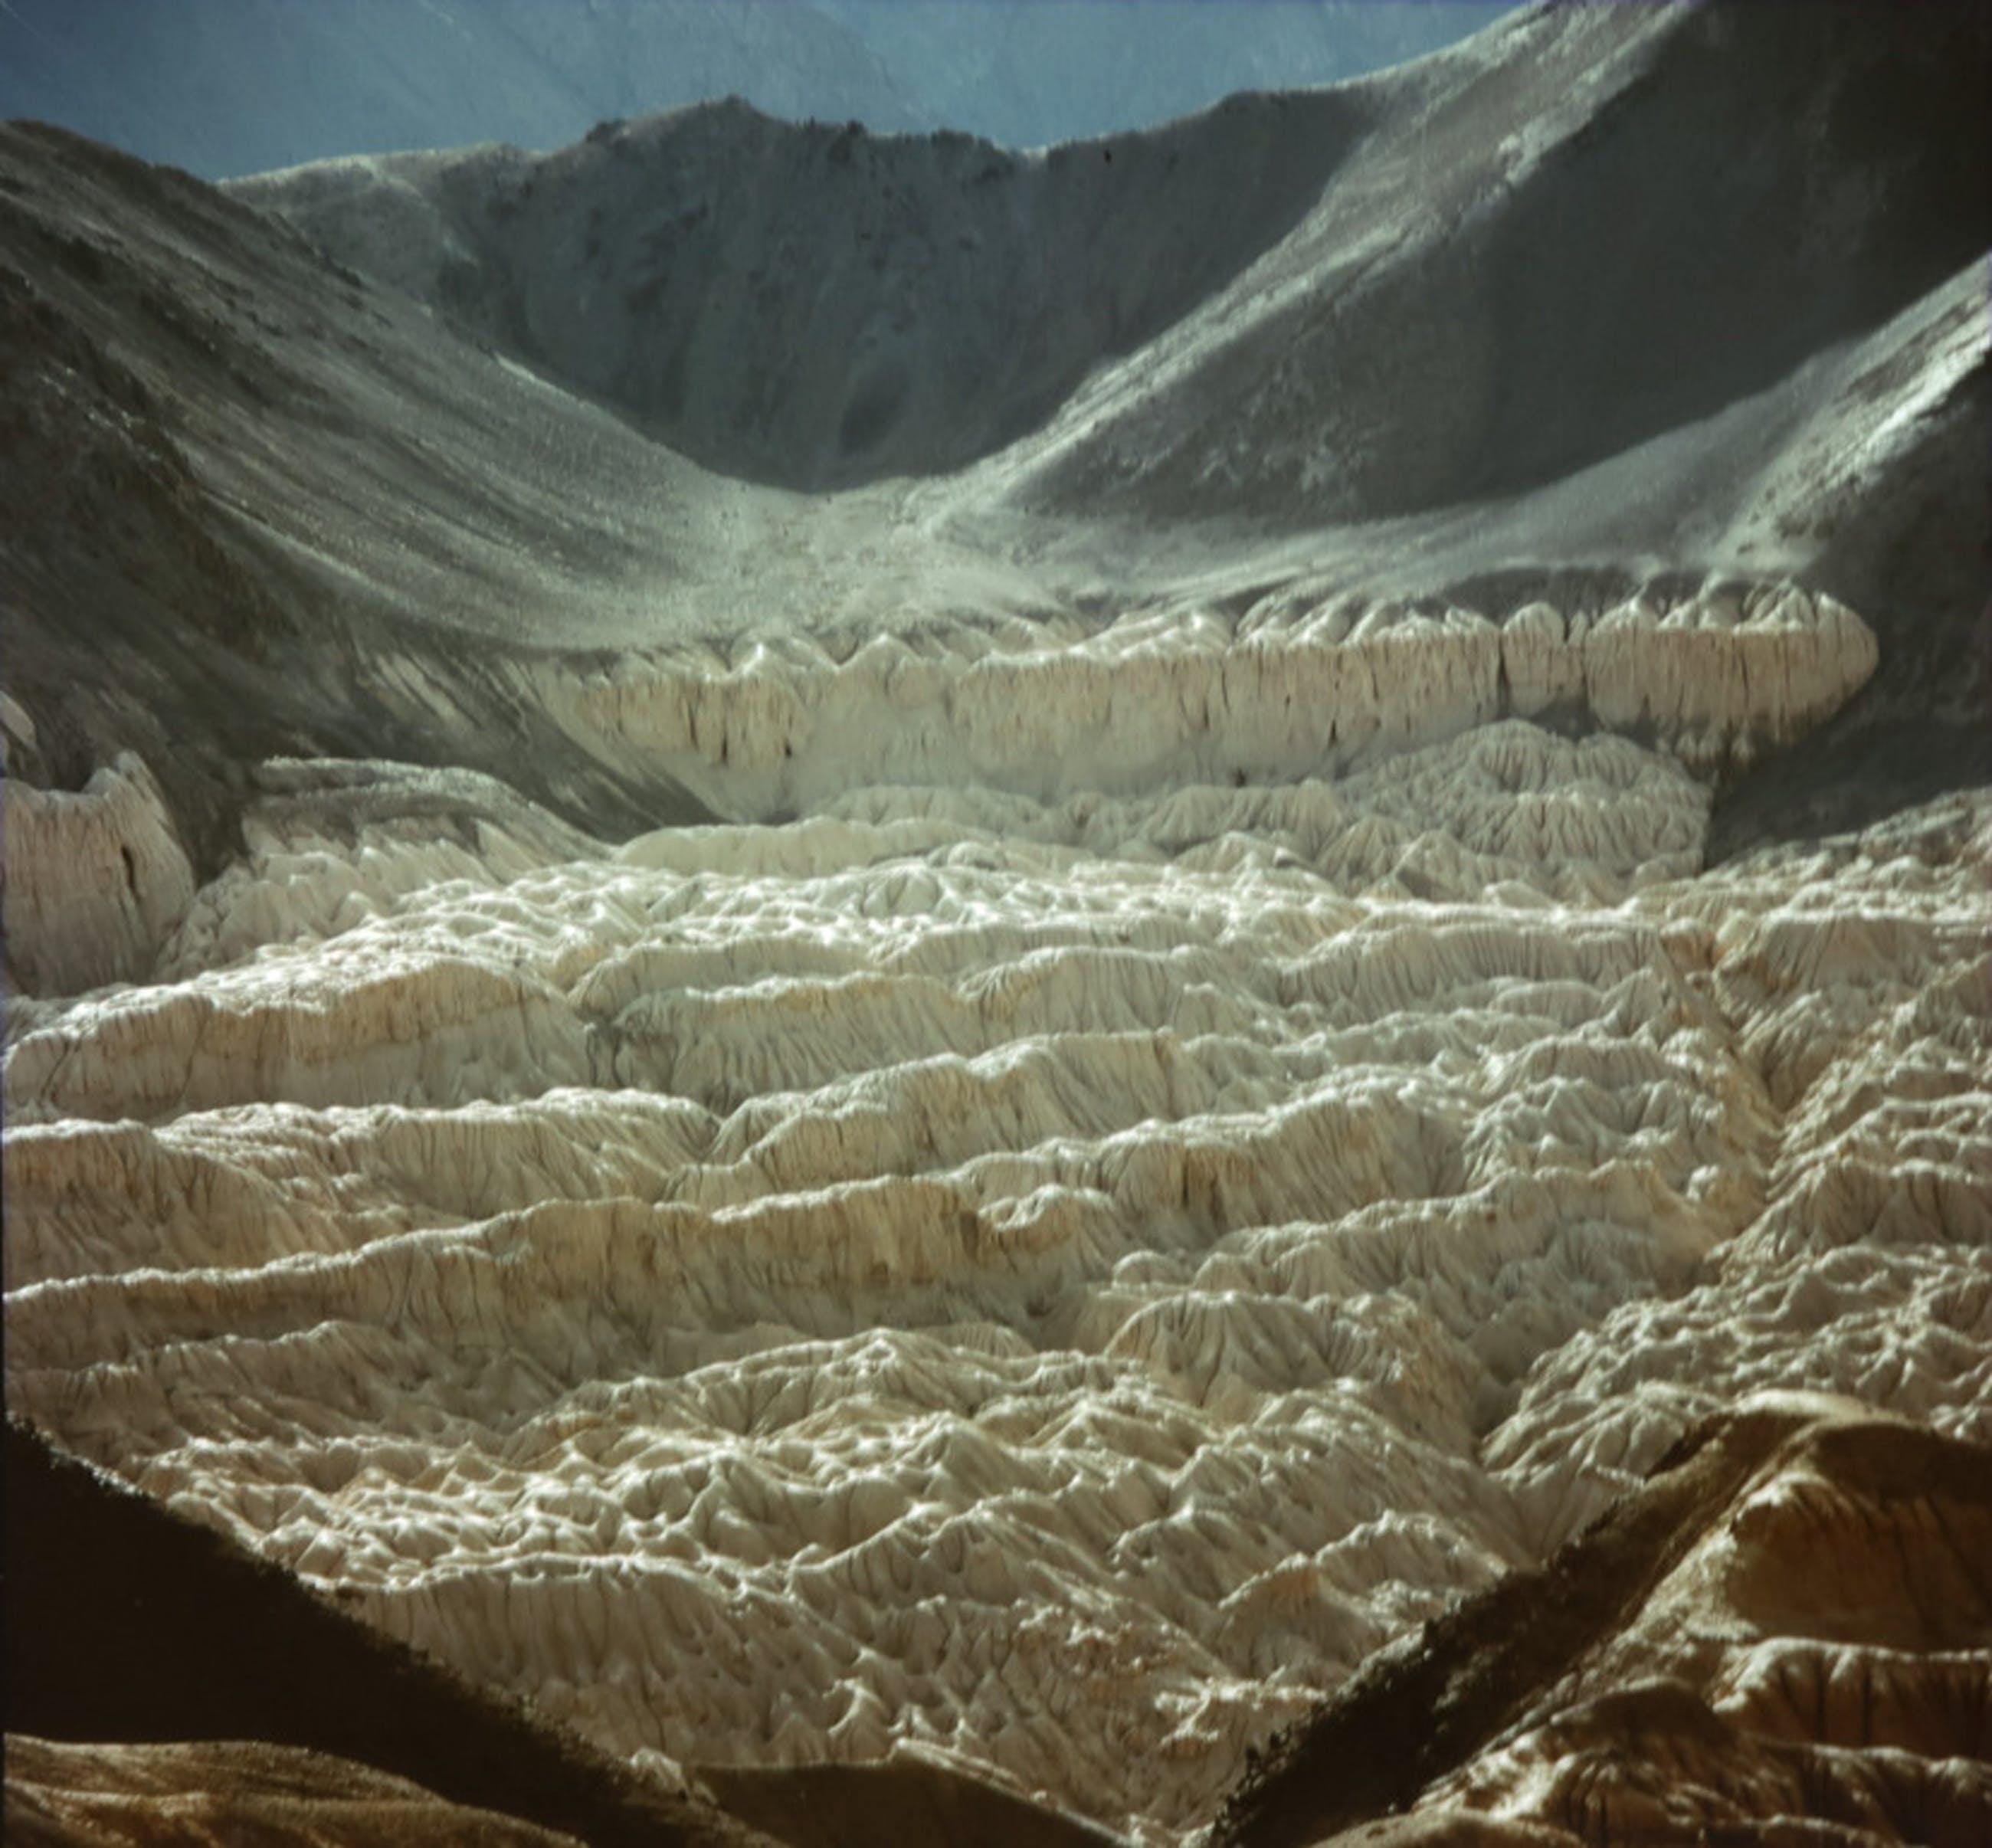 Diederik van Goethem: C-print, Lamayuru, opgedroogd meer Ladakh Himalaya kopen? Bied vanaf 20!